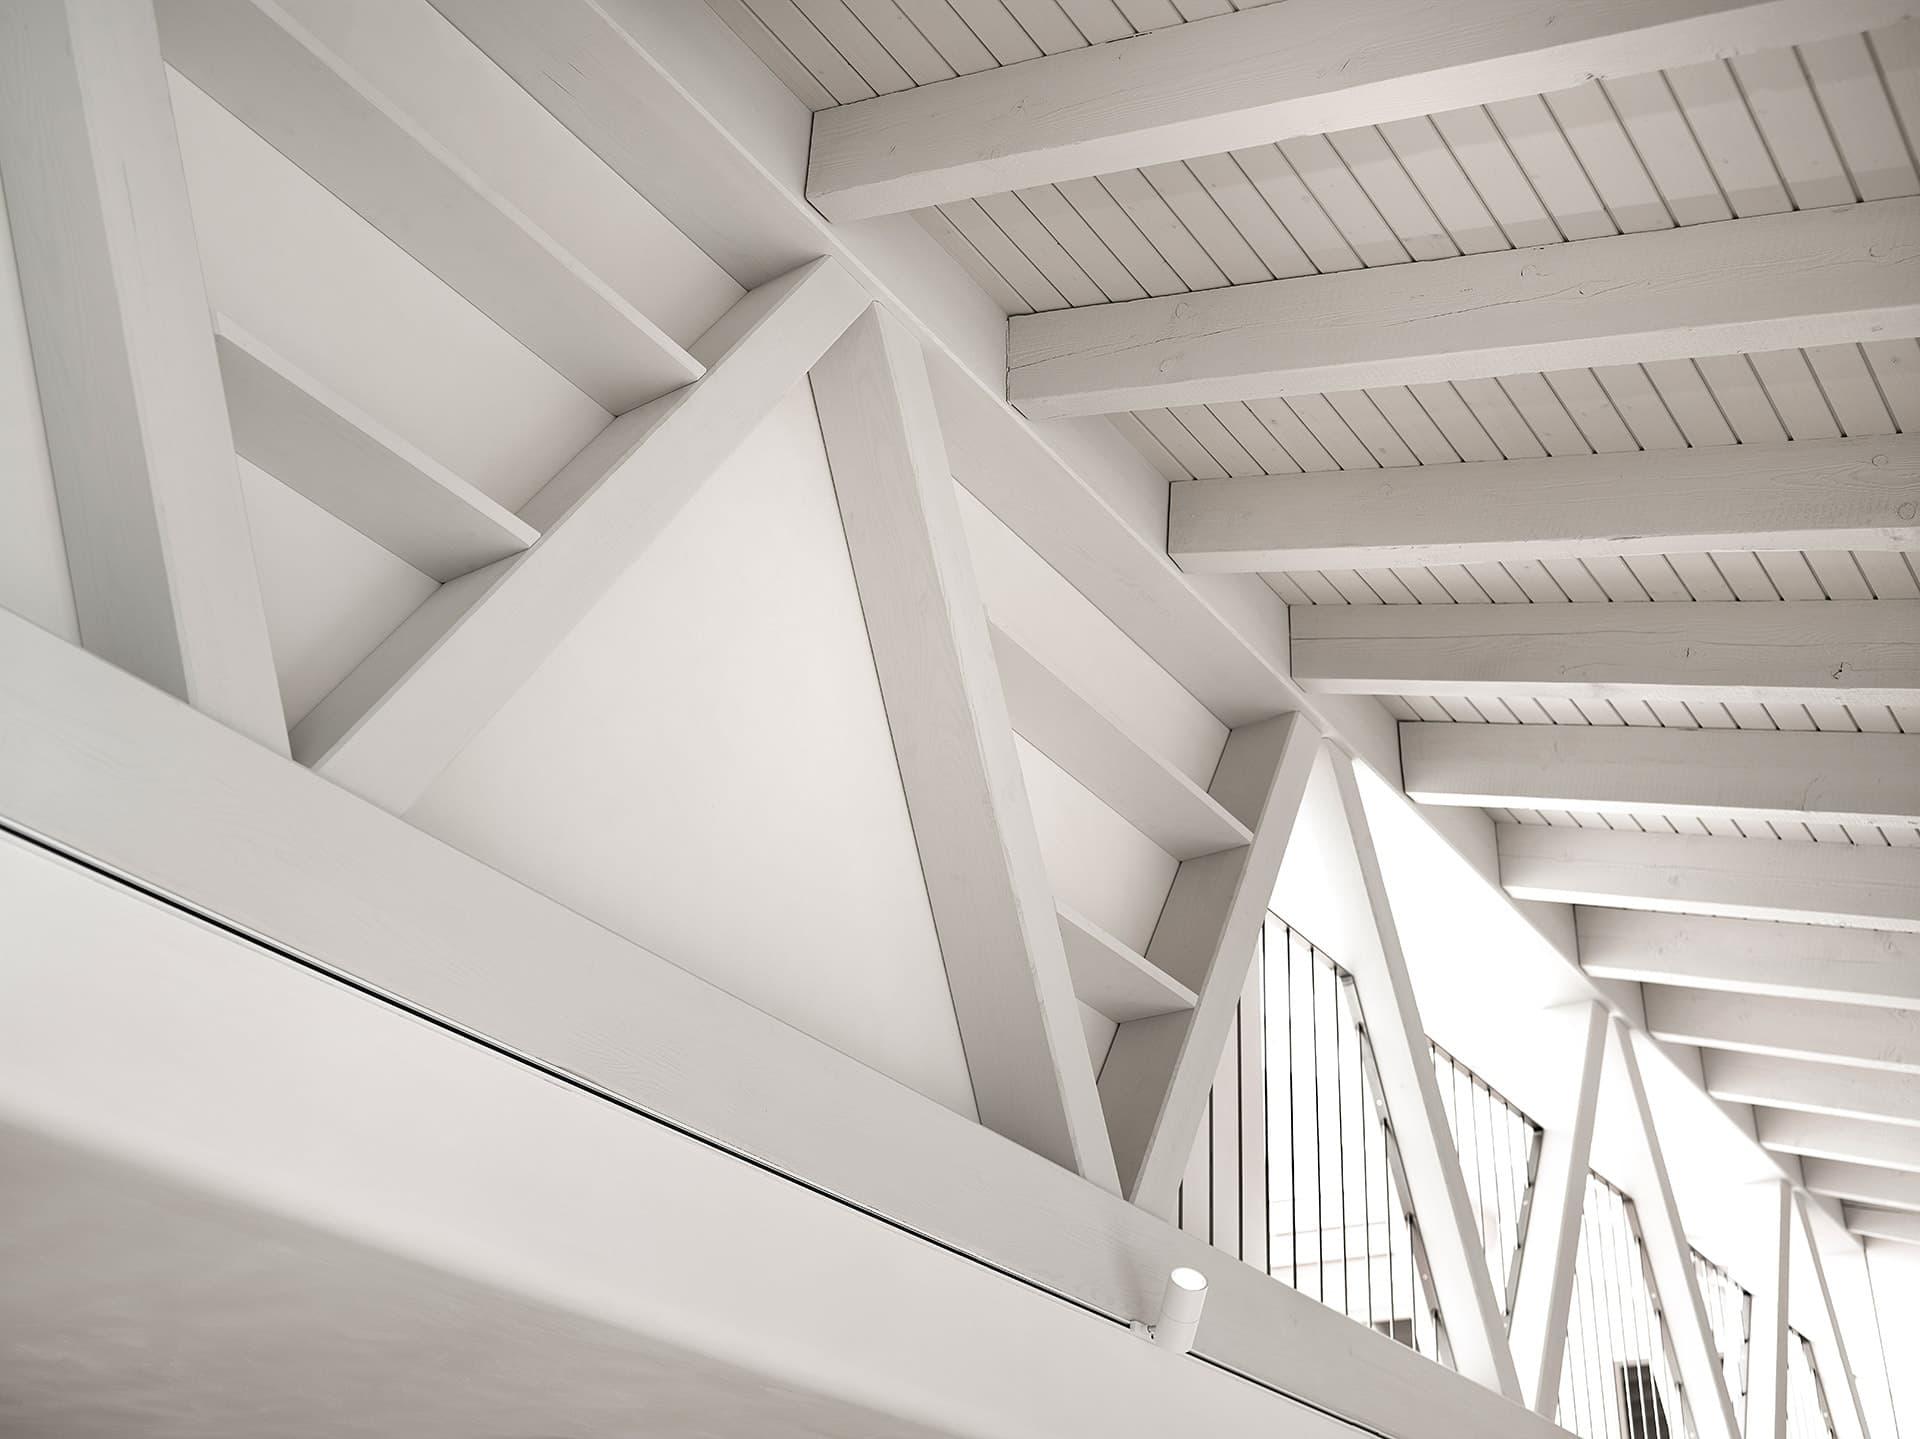 venuti-architects_CF003526-1